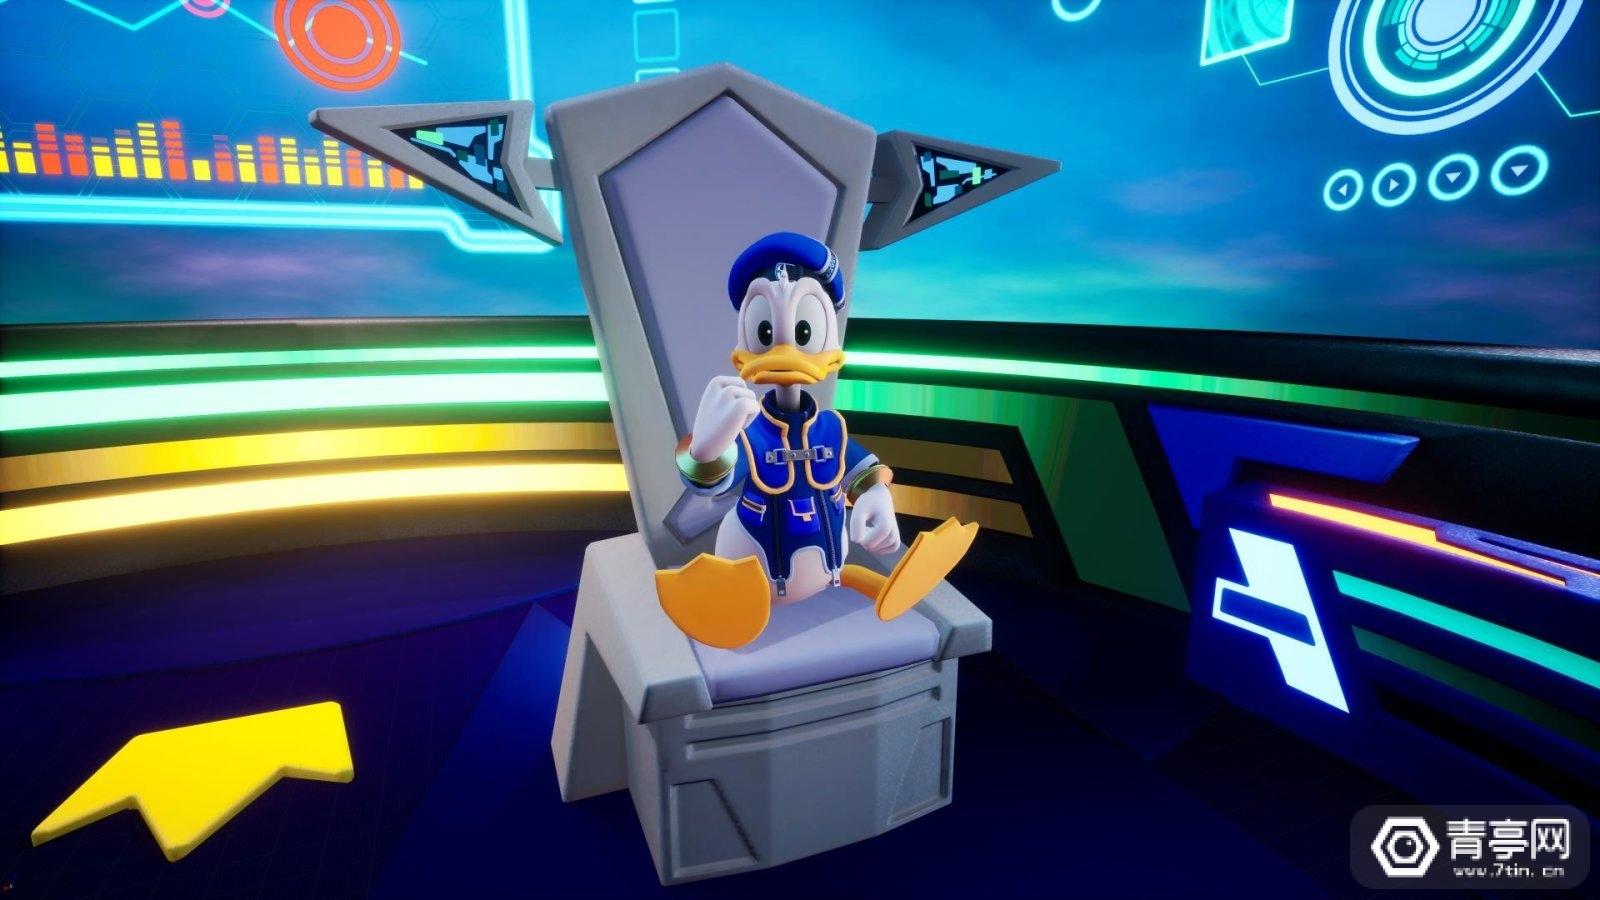 《王国之心:VR》第二章将登陆PS VR,加入奥林匹斯竞技场